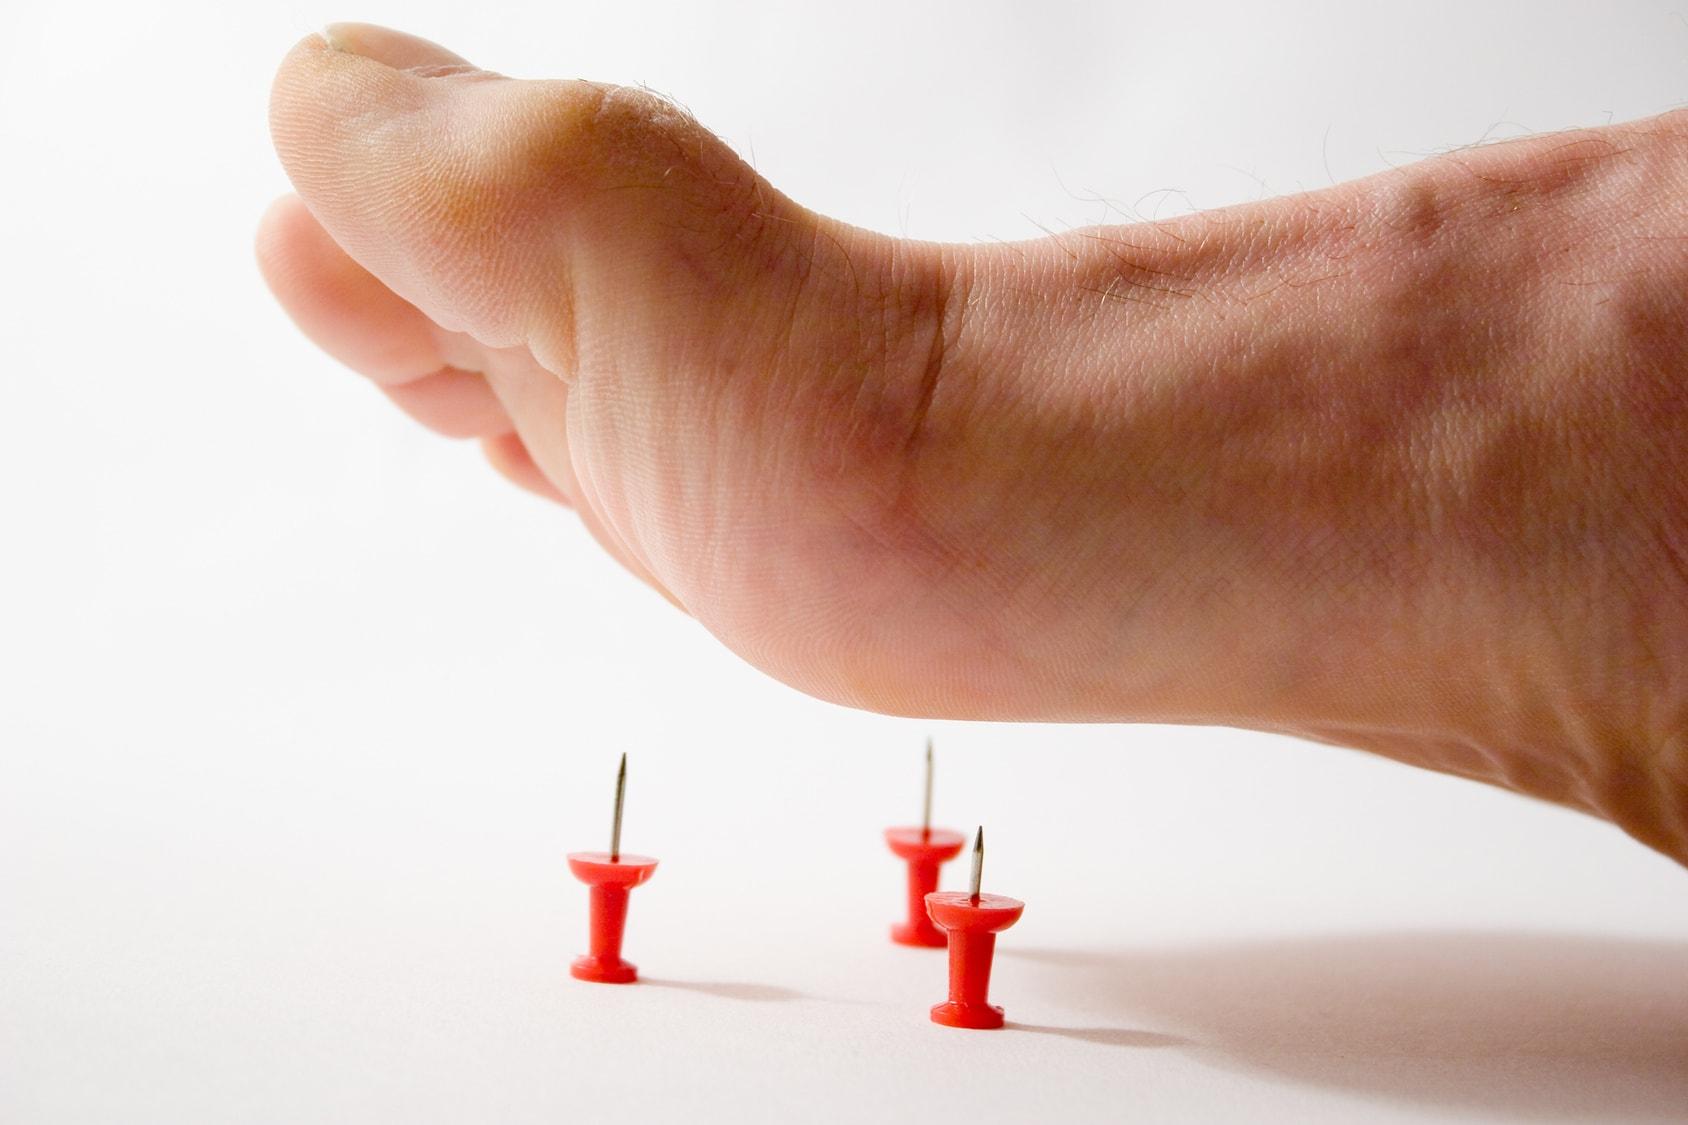 """Диабетическая полинейропатия - симптомы, лечение, диагностика в клинике """"ЭндокринМедикал"""""""